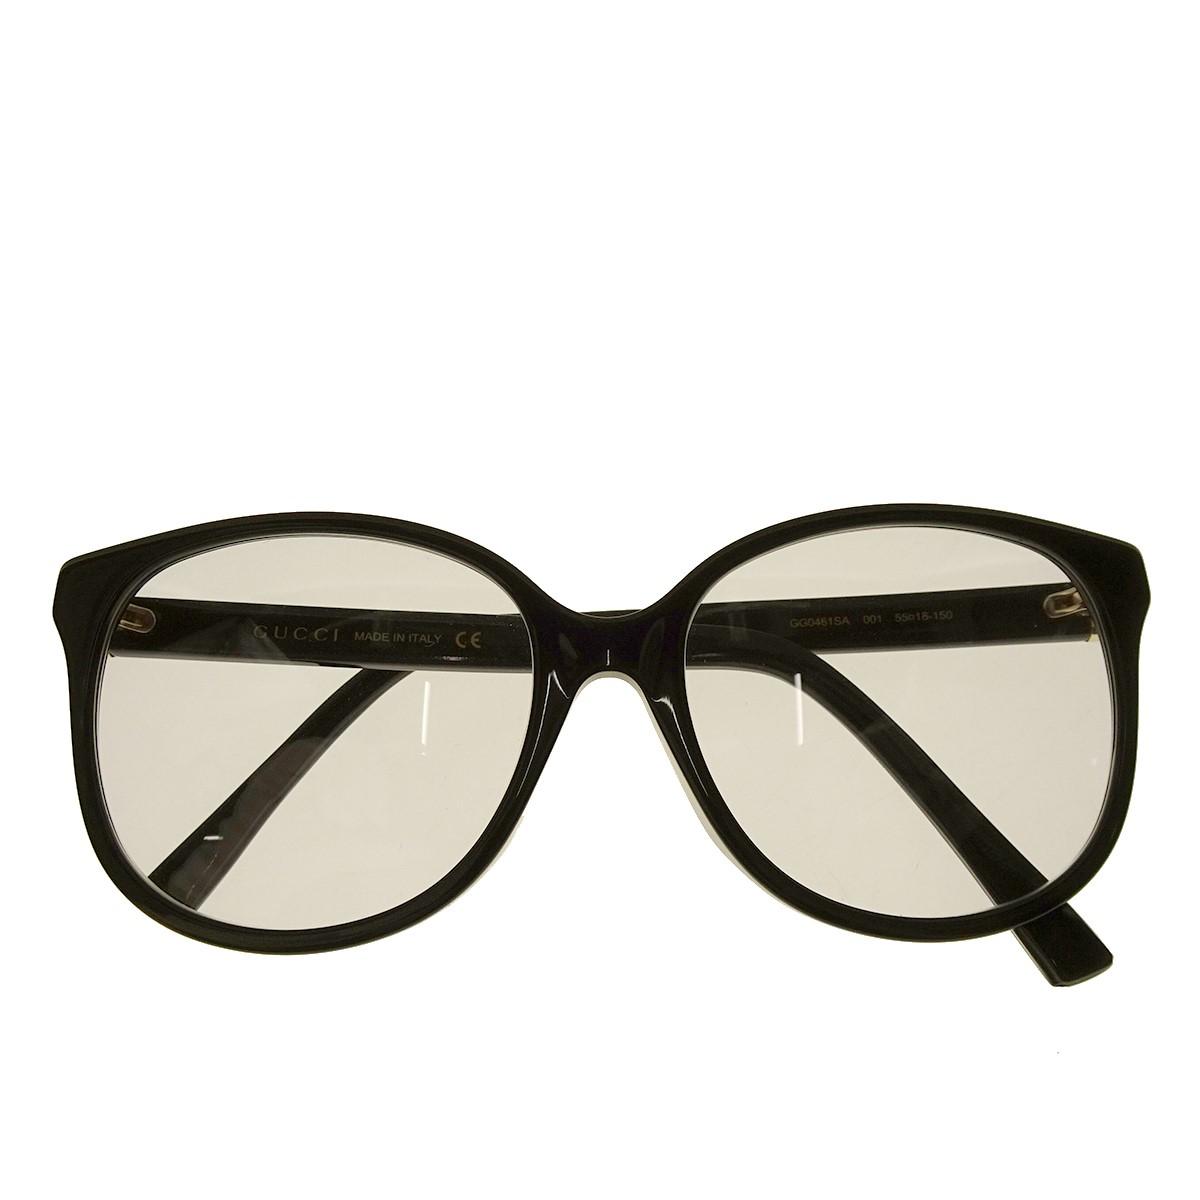 【中古】GUCCI サングラス GG-0461SA アジアンフィットモデル ブラック サイズ:55□18-150 【170620】(グッチ)